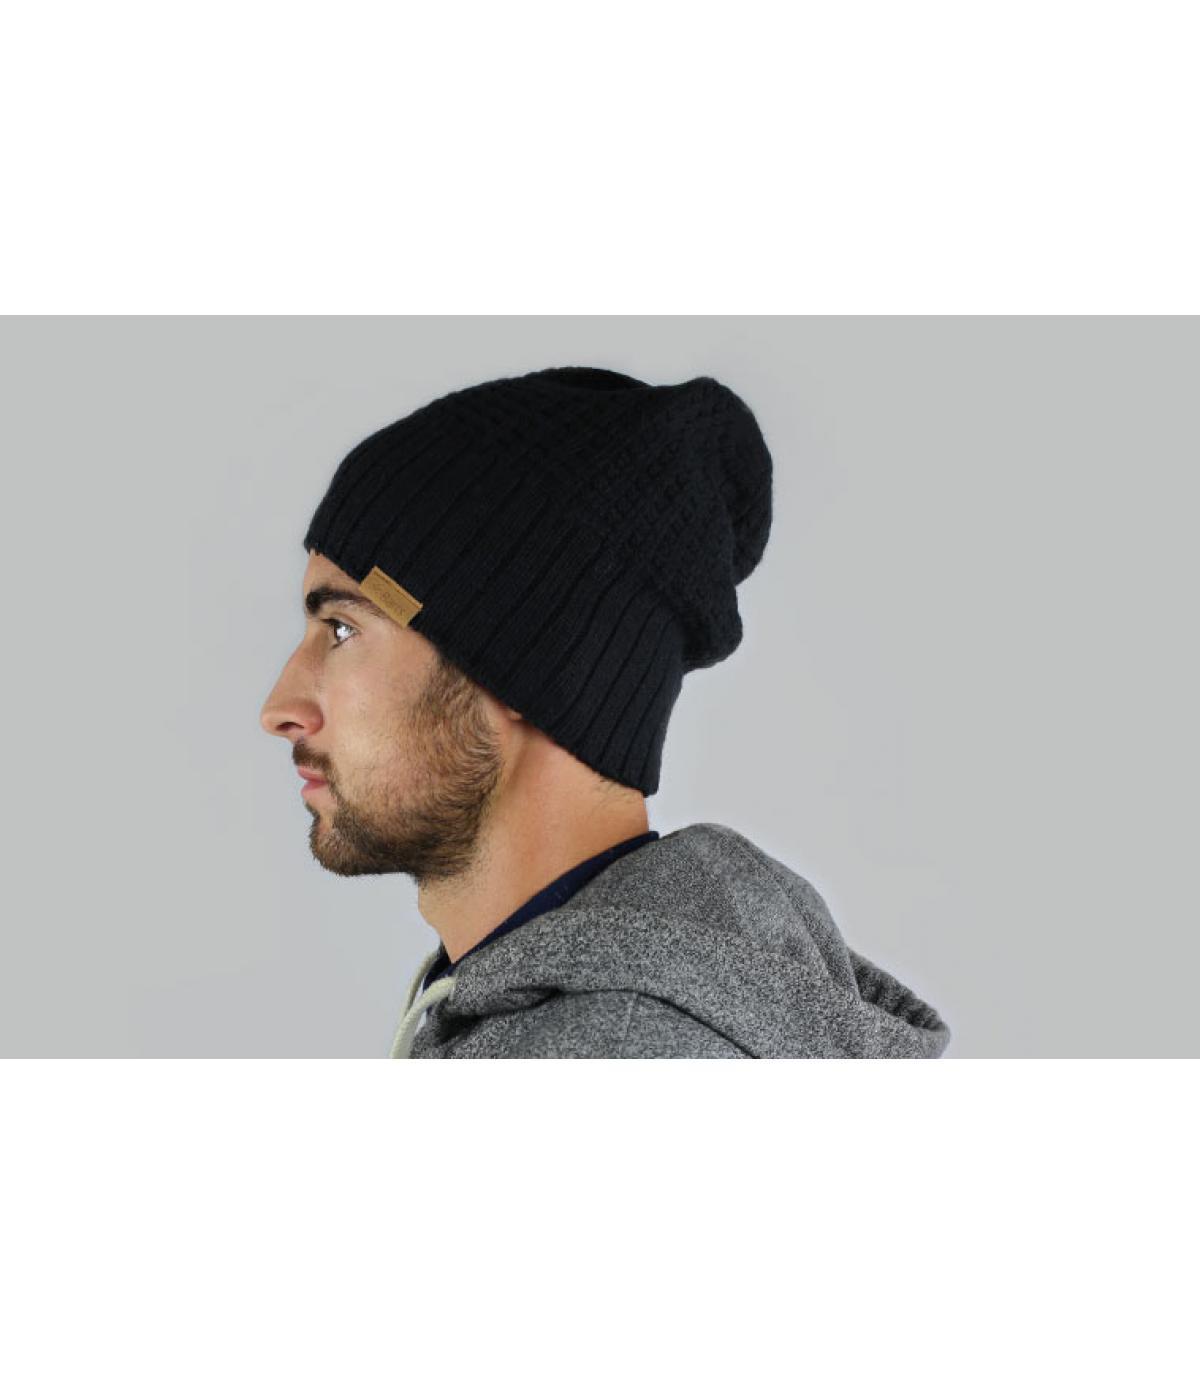 Mütze hudson schwarz